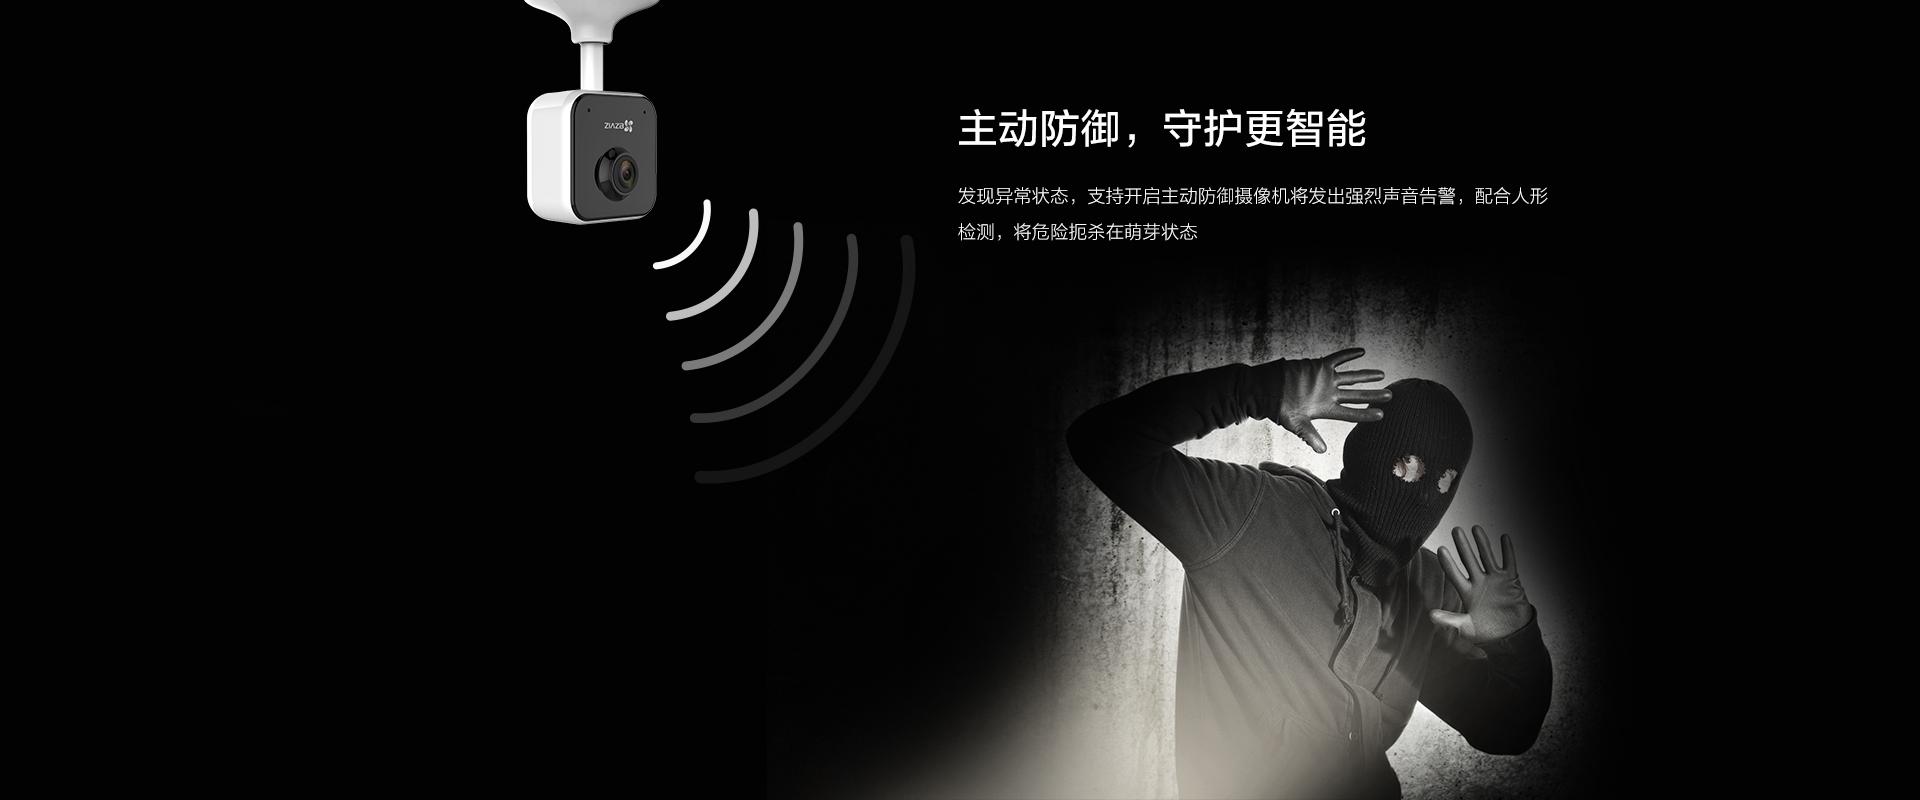 C1HC互联网摄像机-YS-C1HC-05